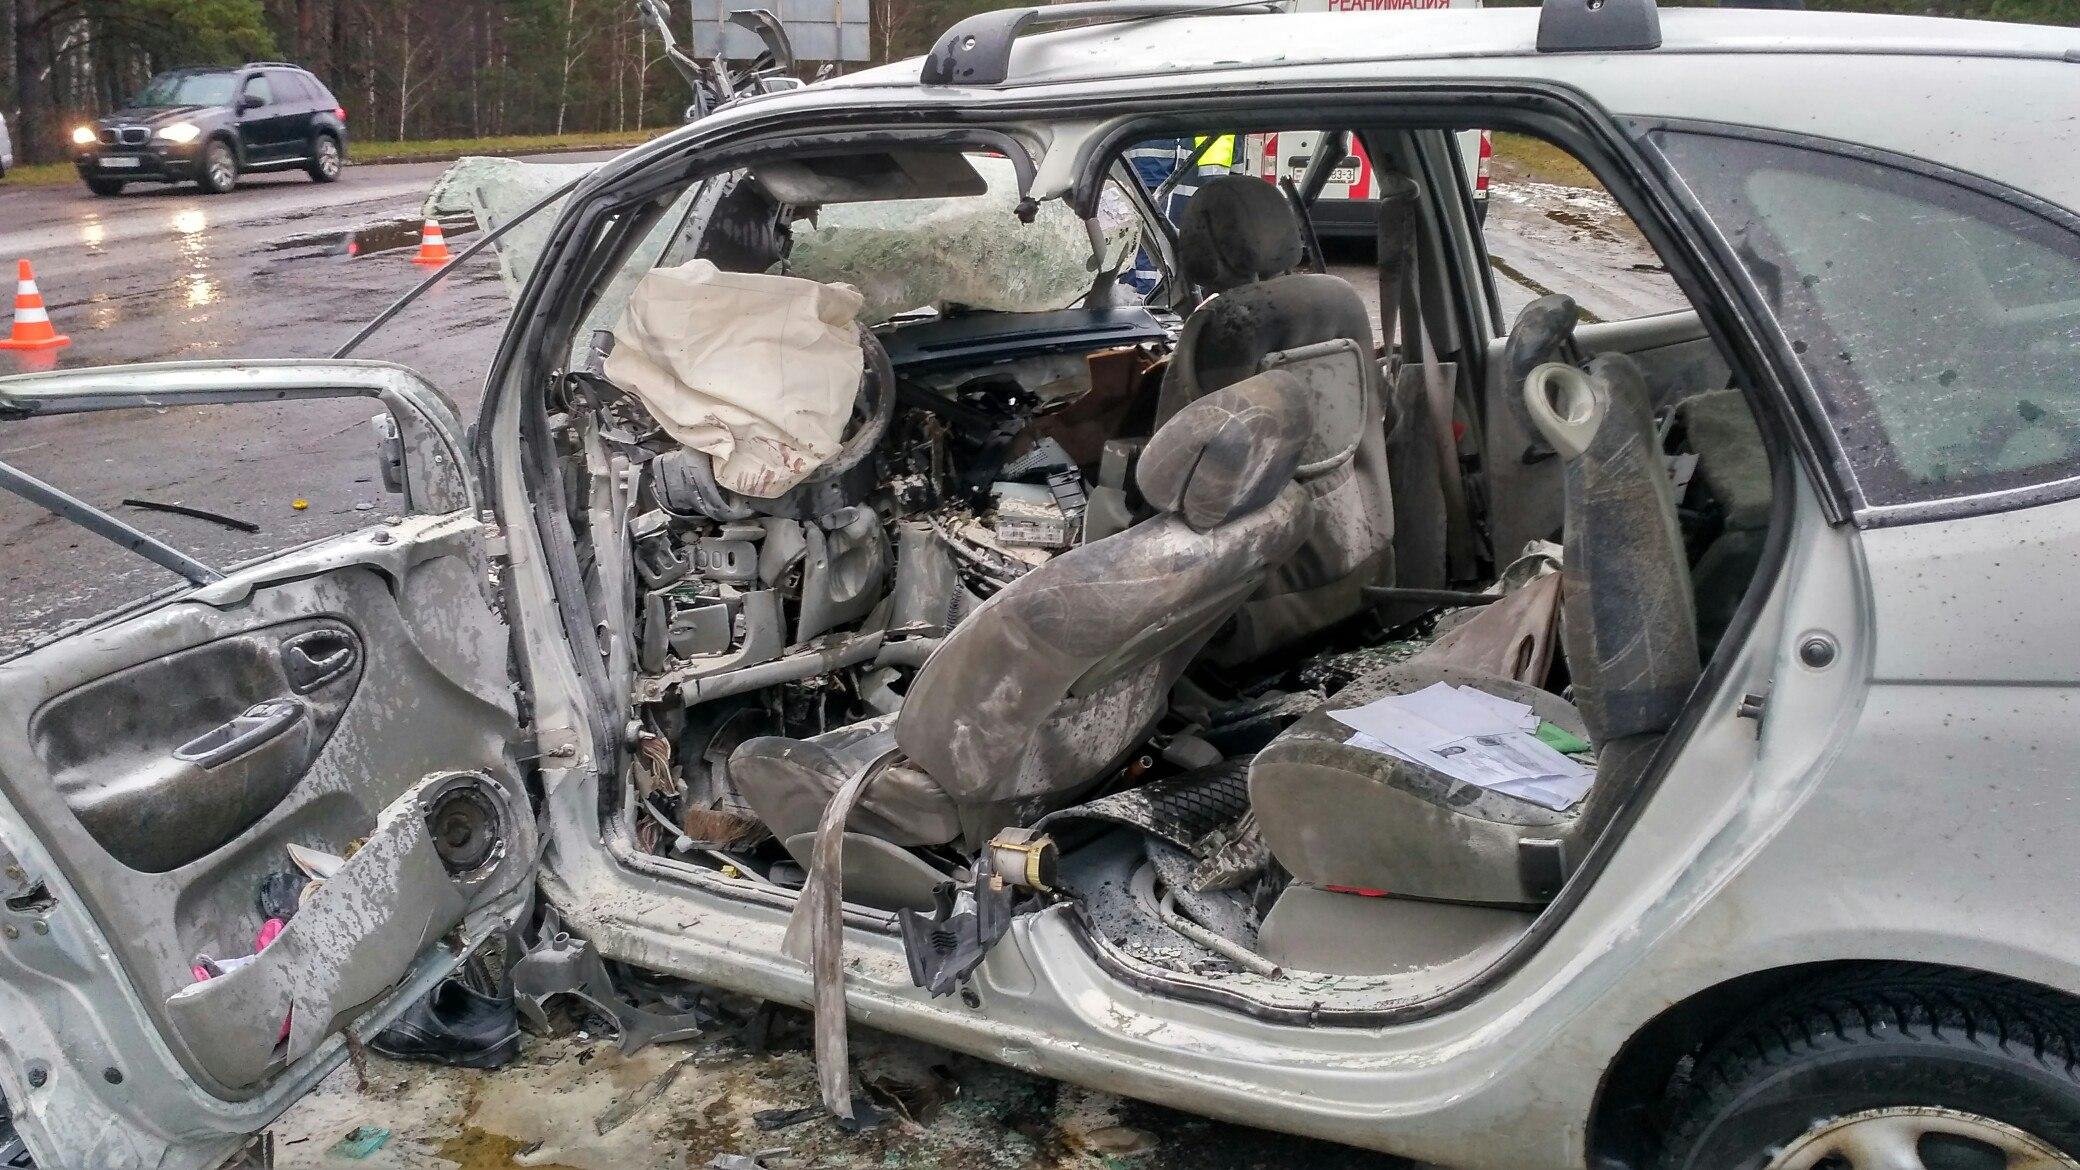 Жуткое ДТП под Мозырем: лоб влоб столкнулись два автомобиля